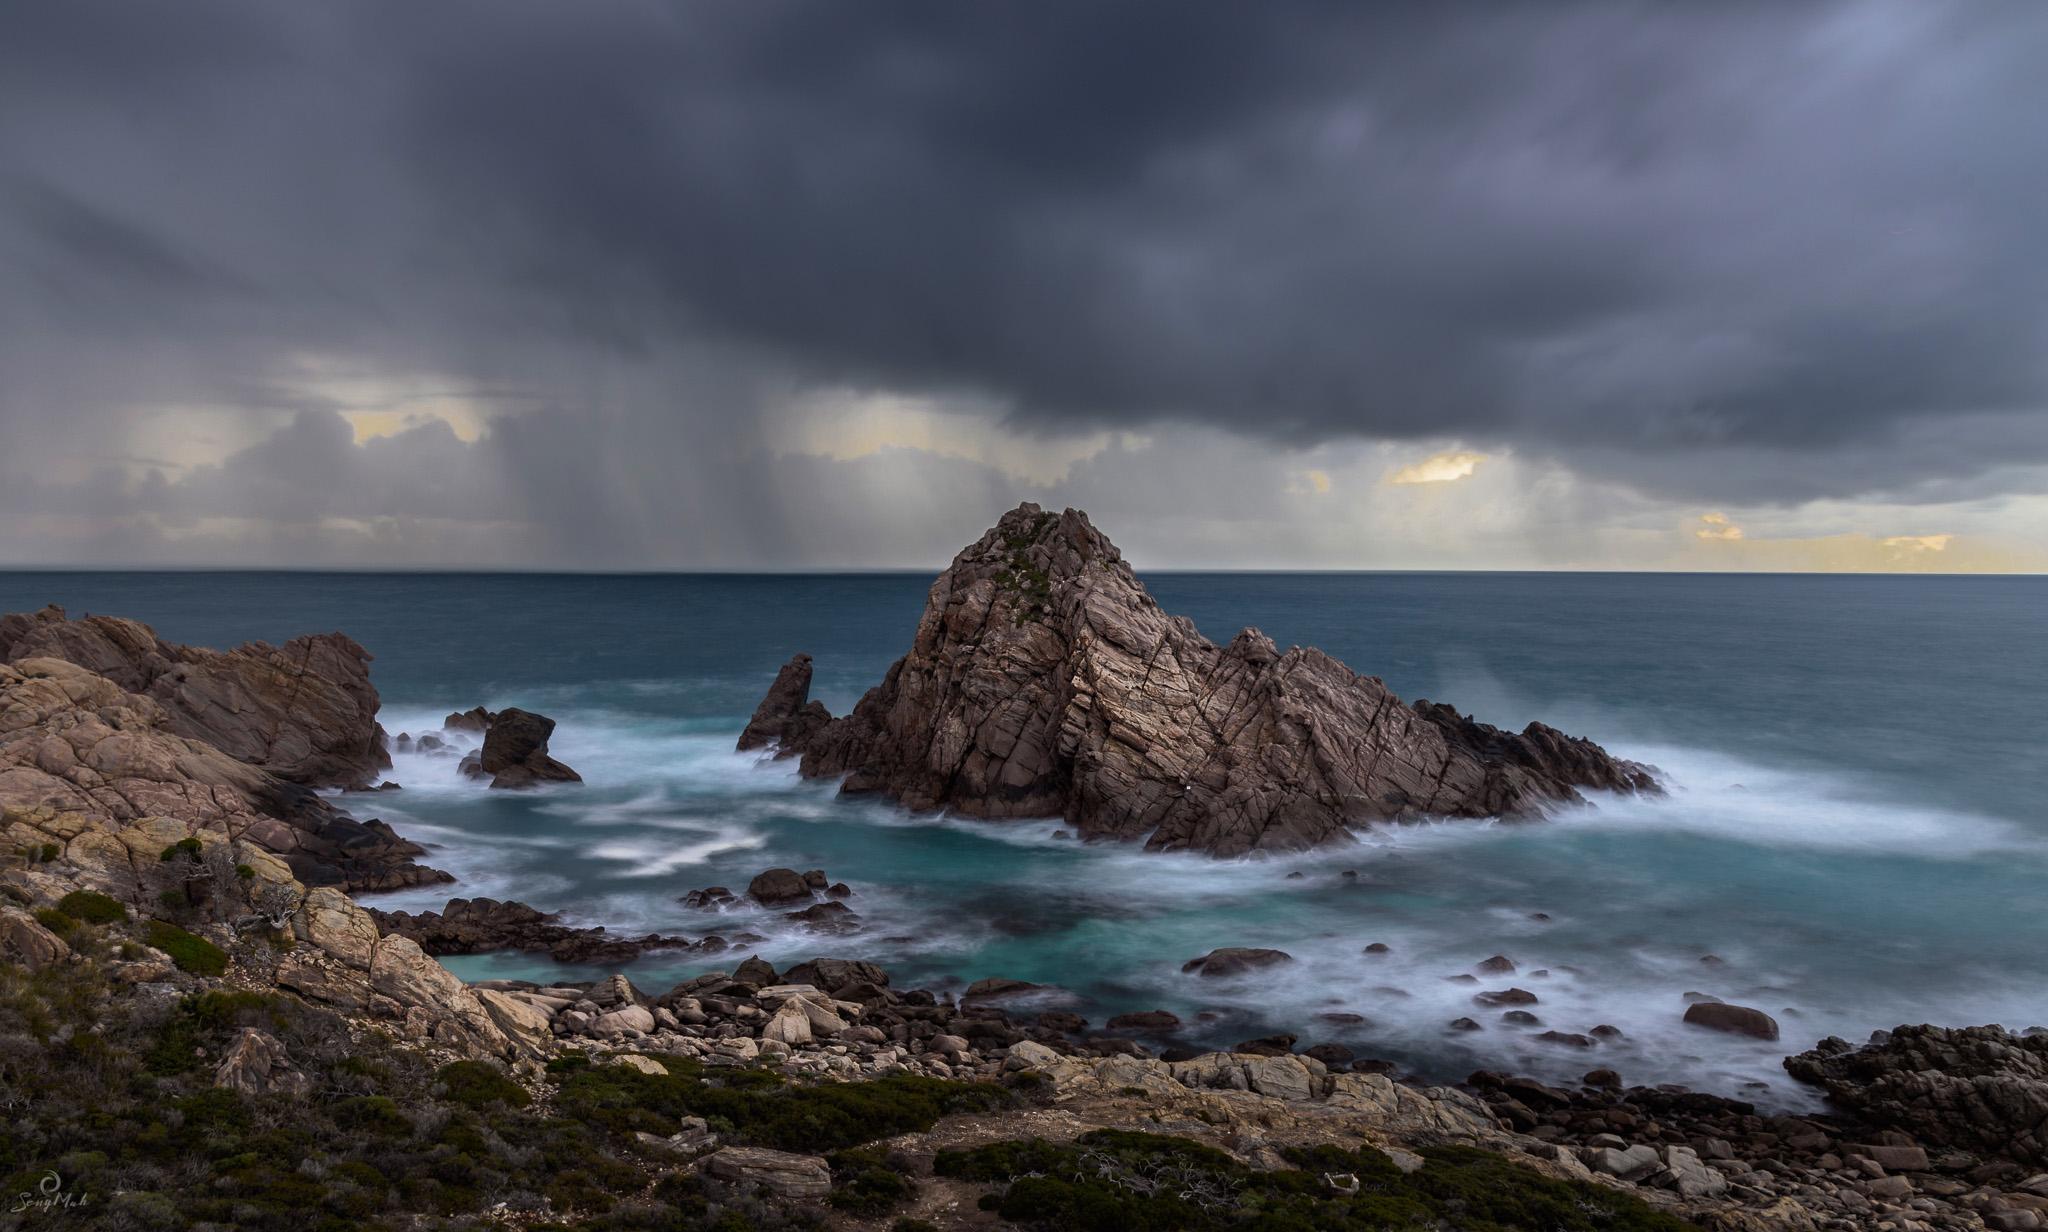 Cape Naturaliste Landscape